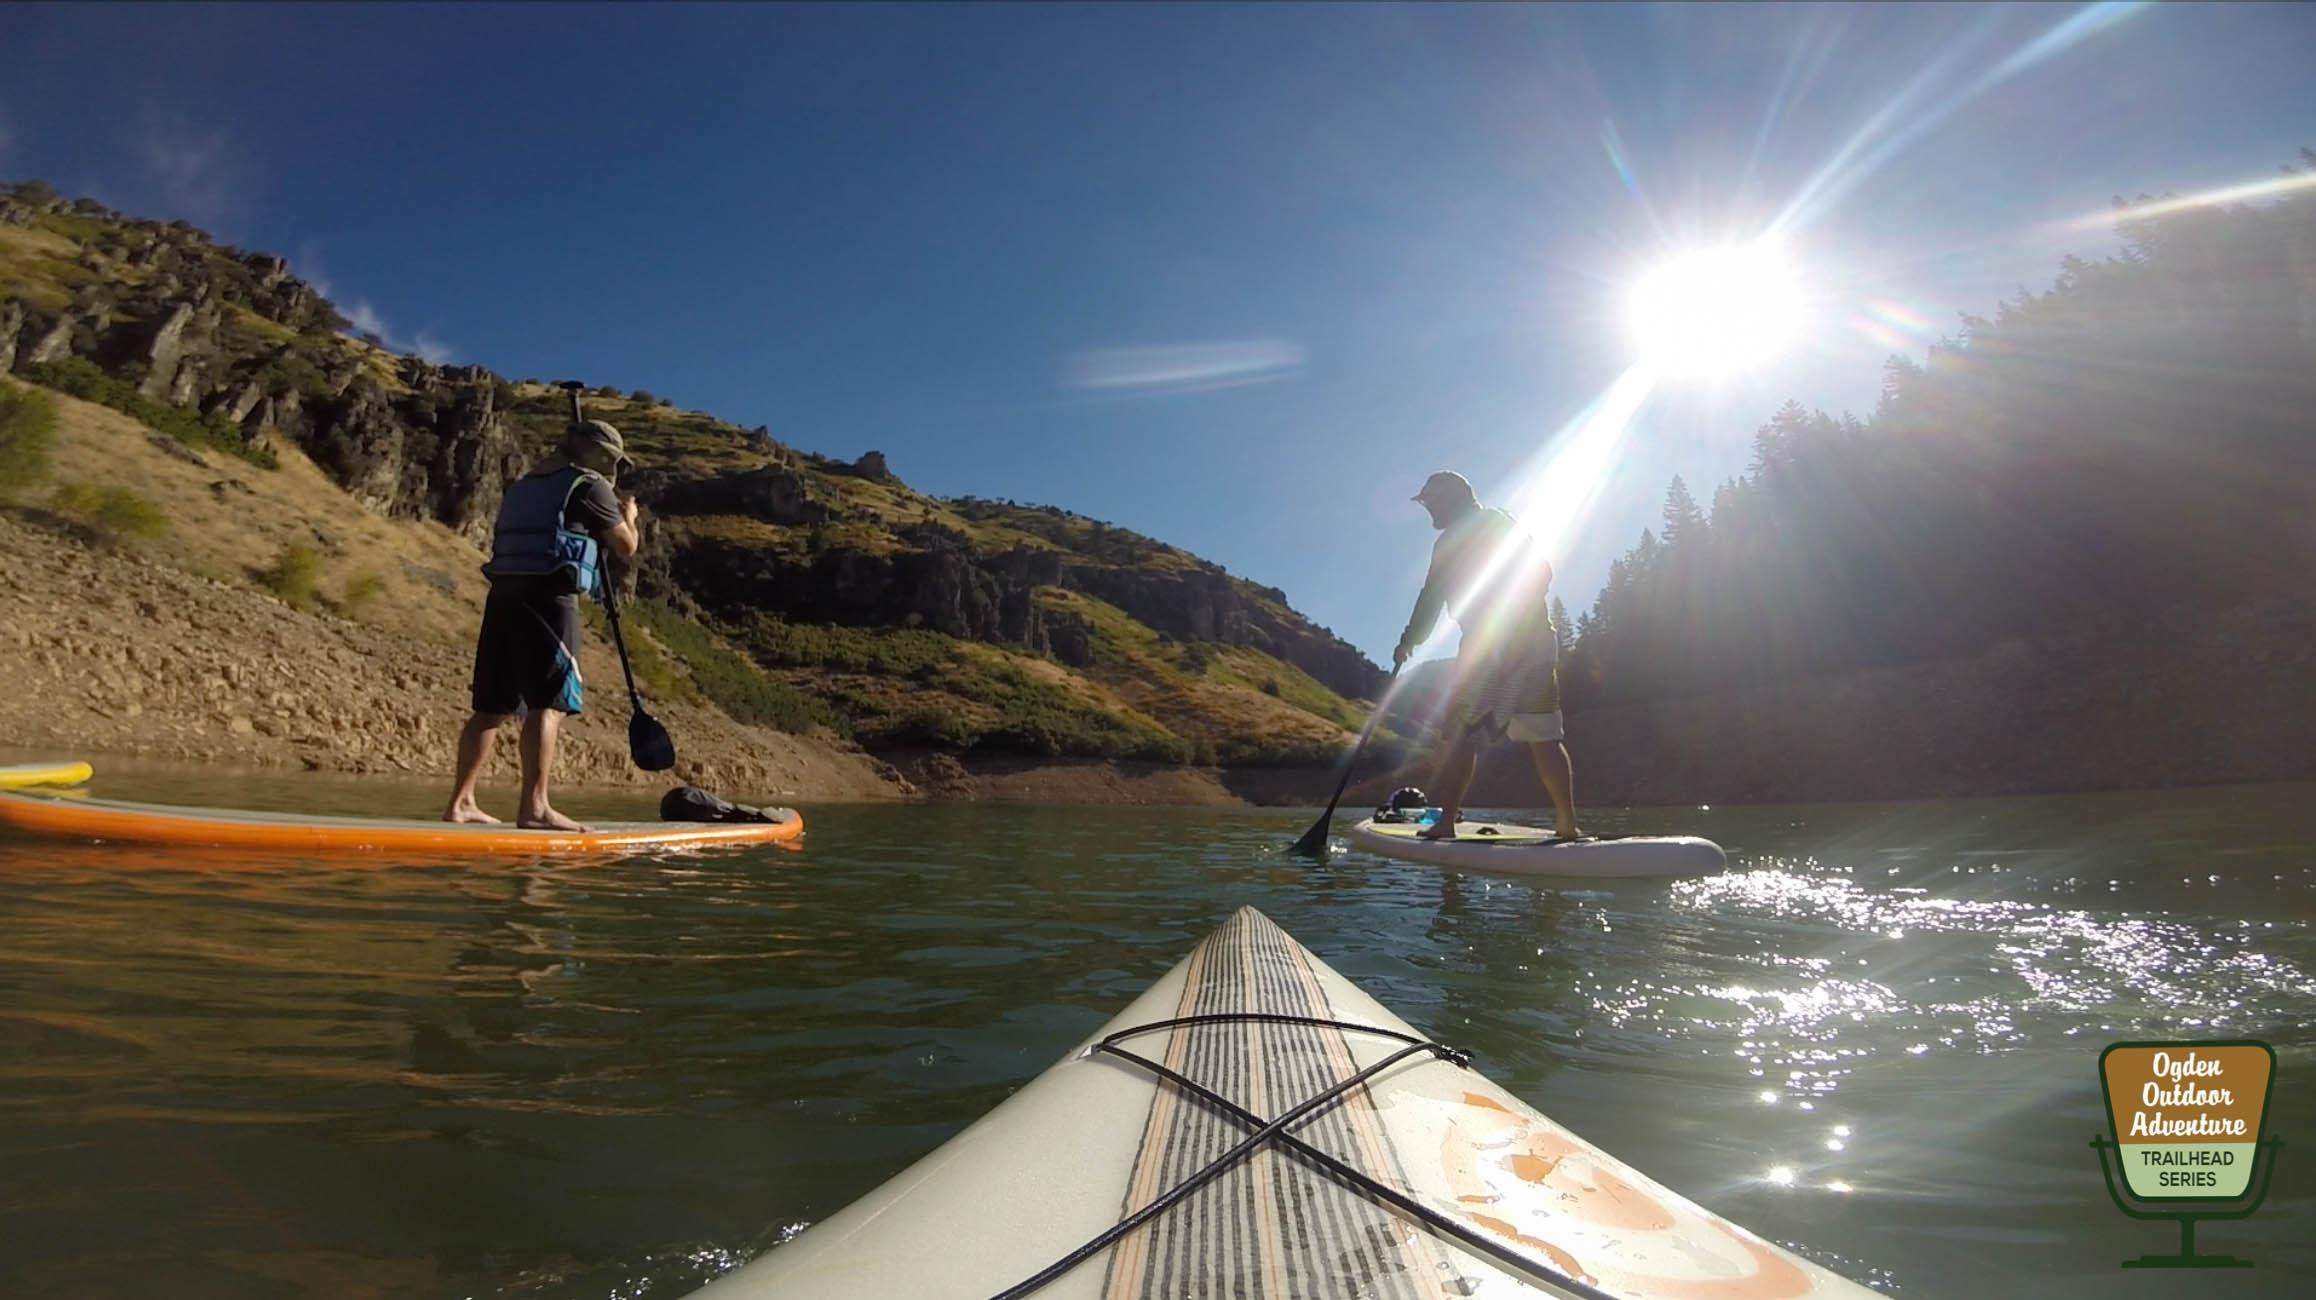 Friends Ben & Joe paddling Causey in search of Kokanee